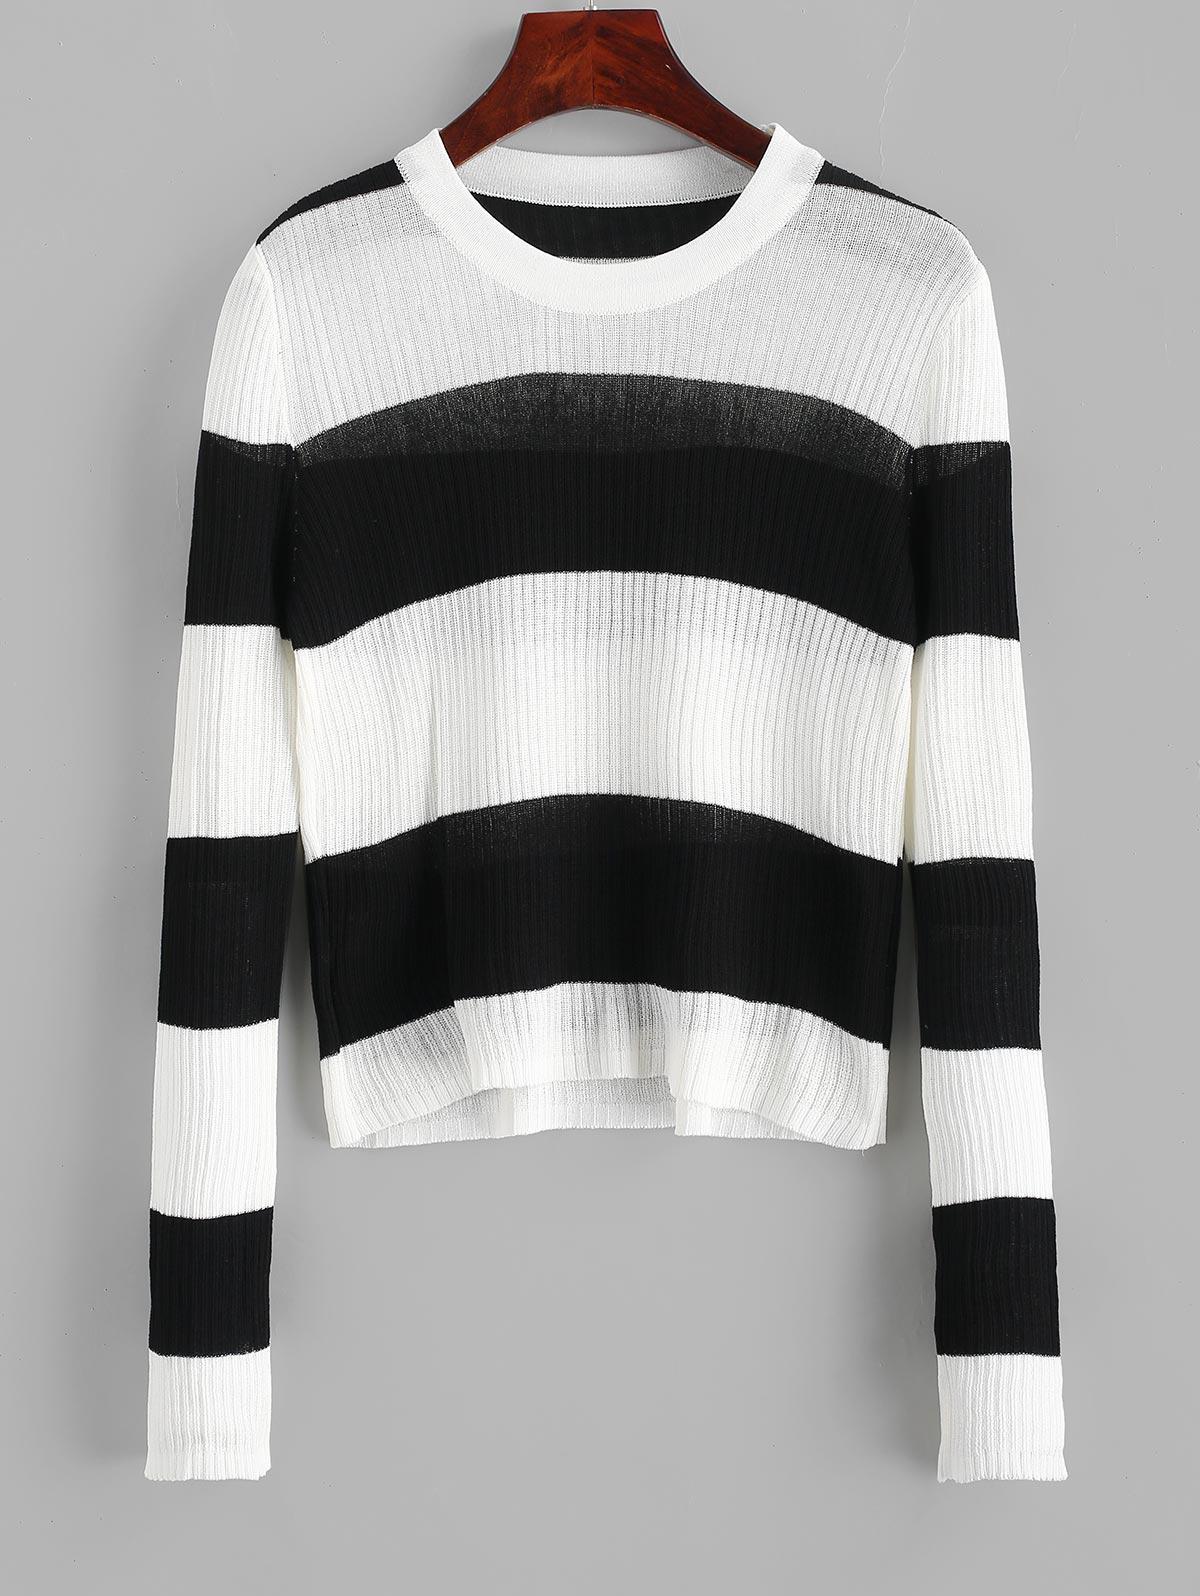 Contrast Two Tone Striped Knitwear